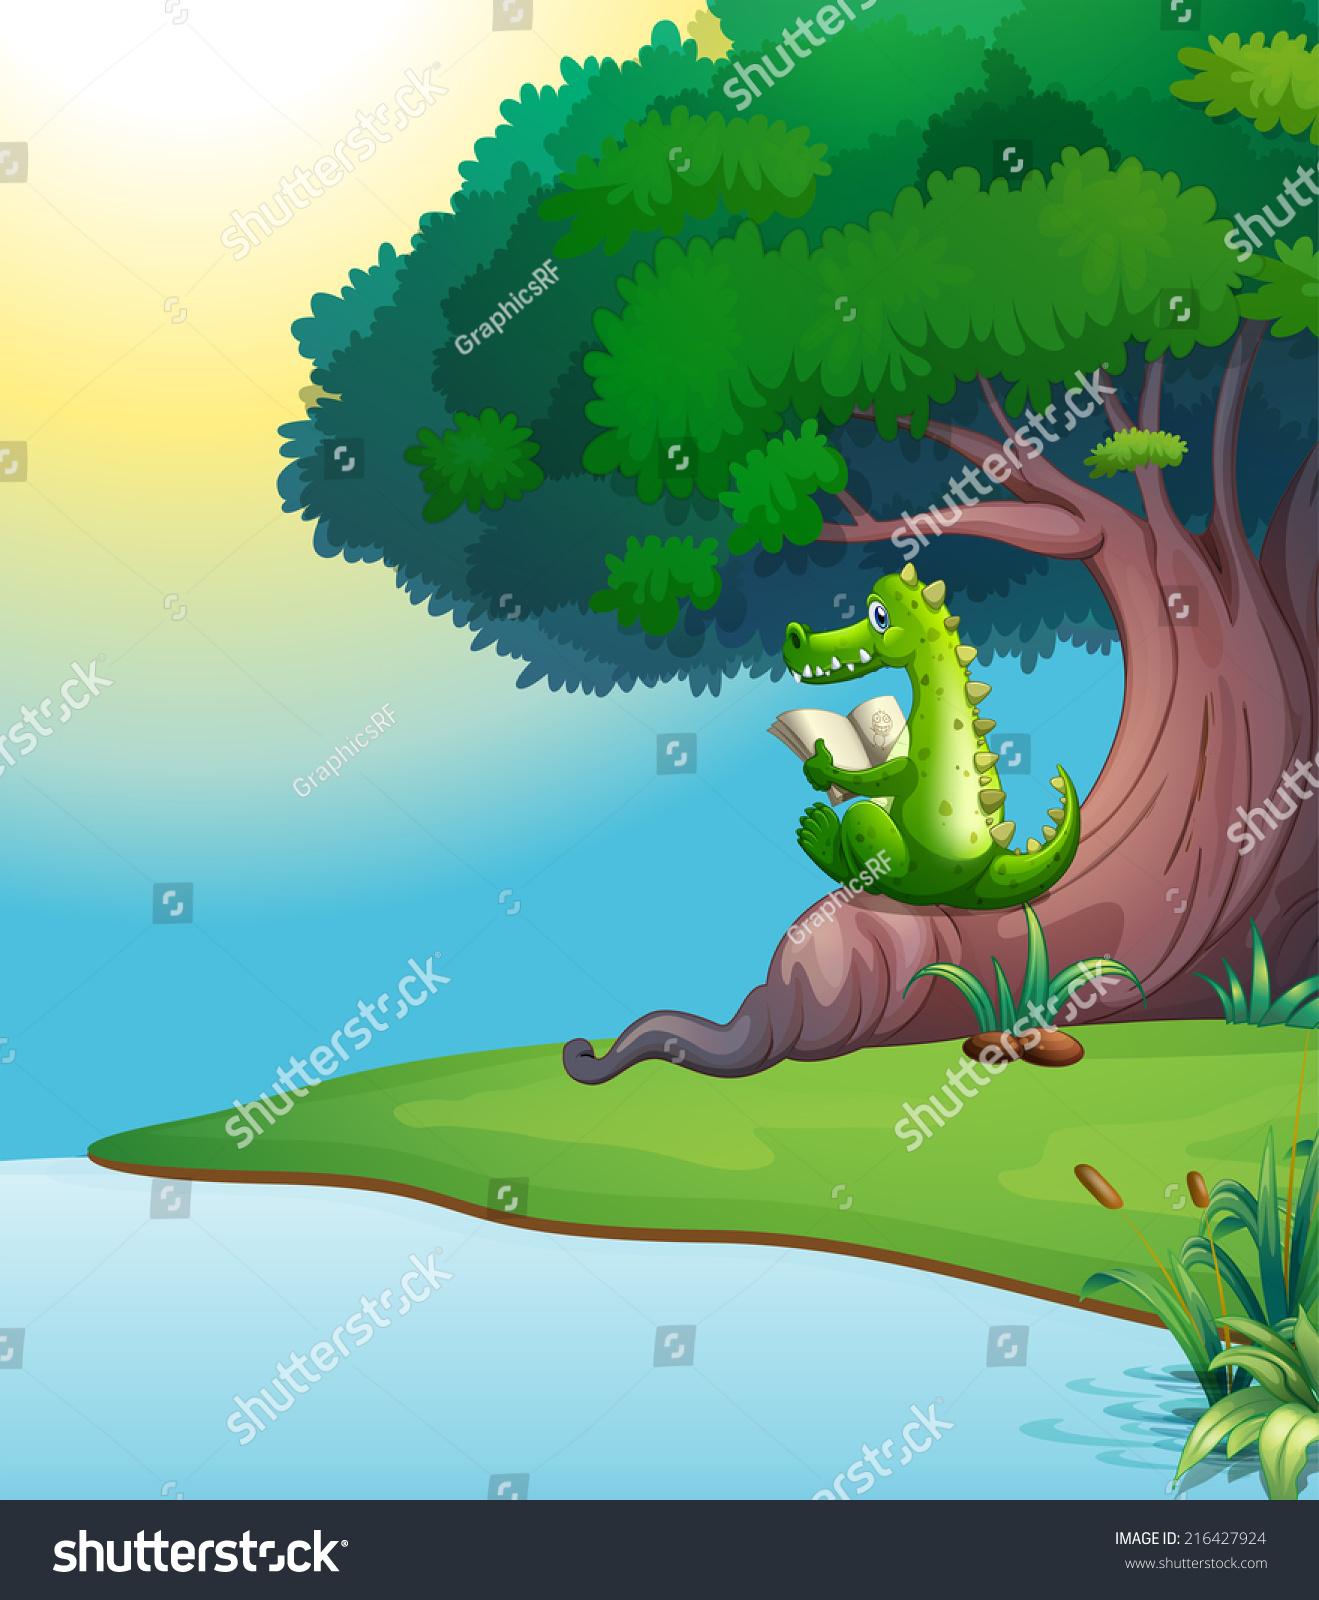 插图的鳄鱼在树下看书-动物/野生生物-海洛创意()-合